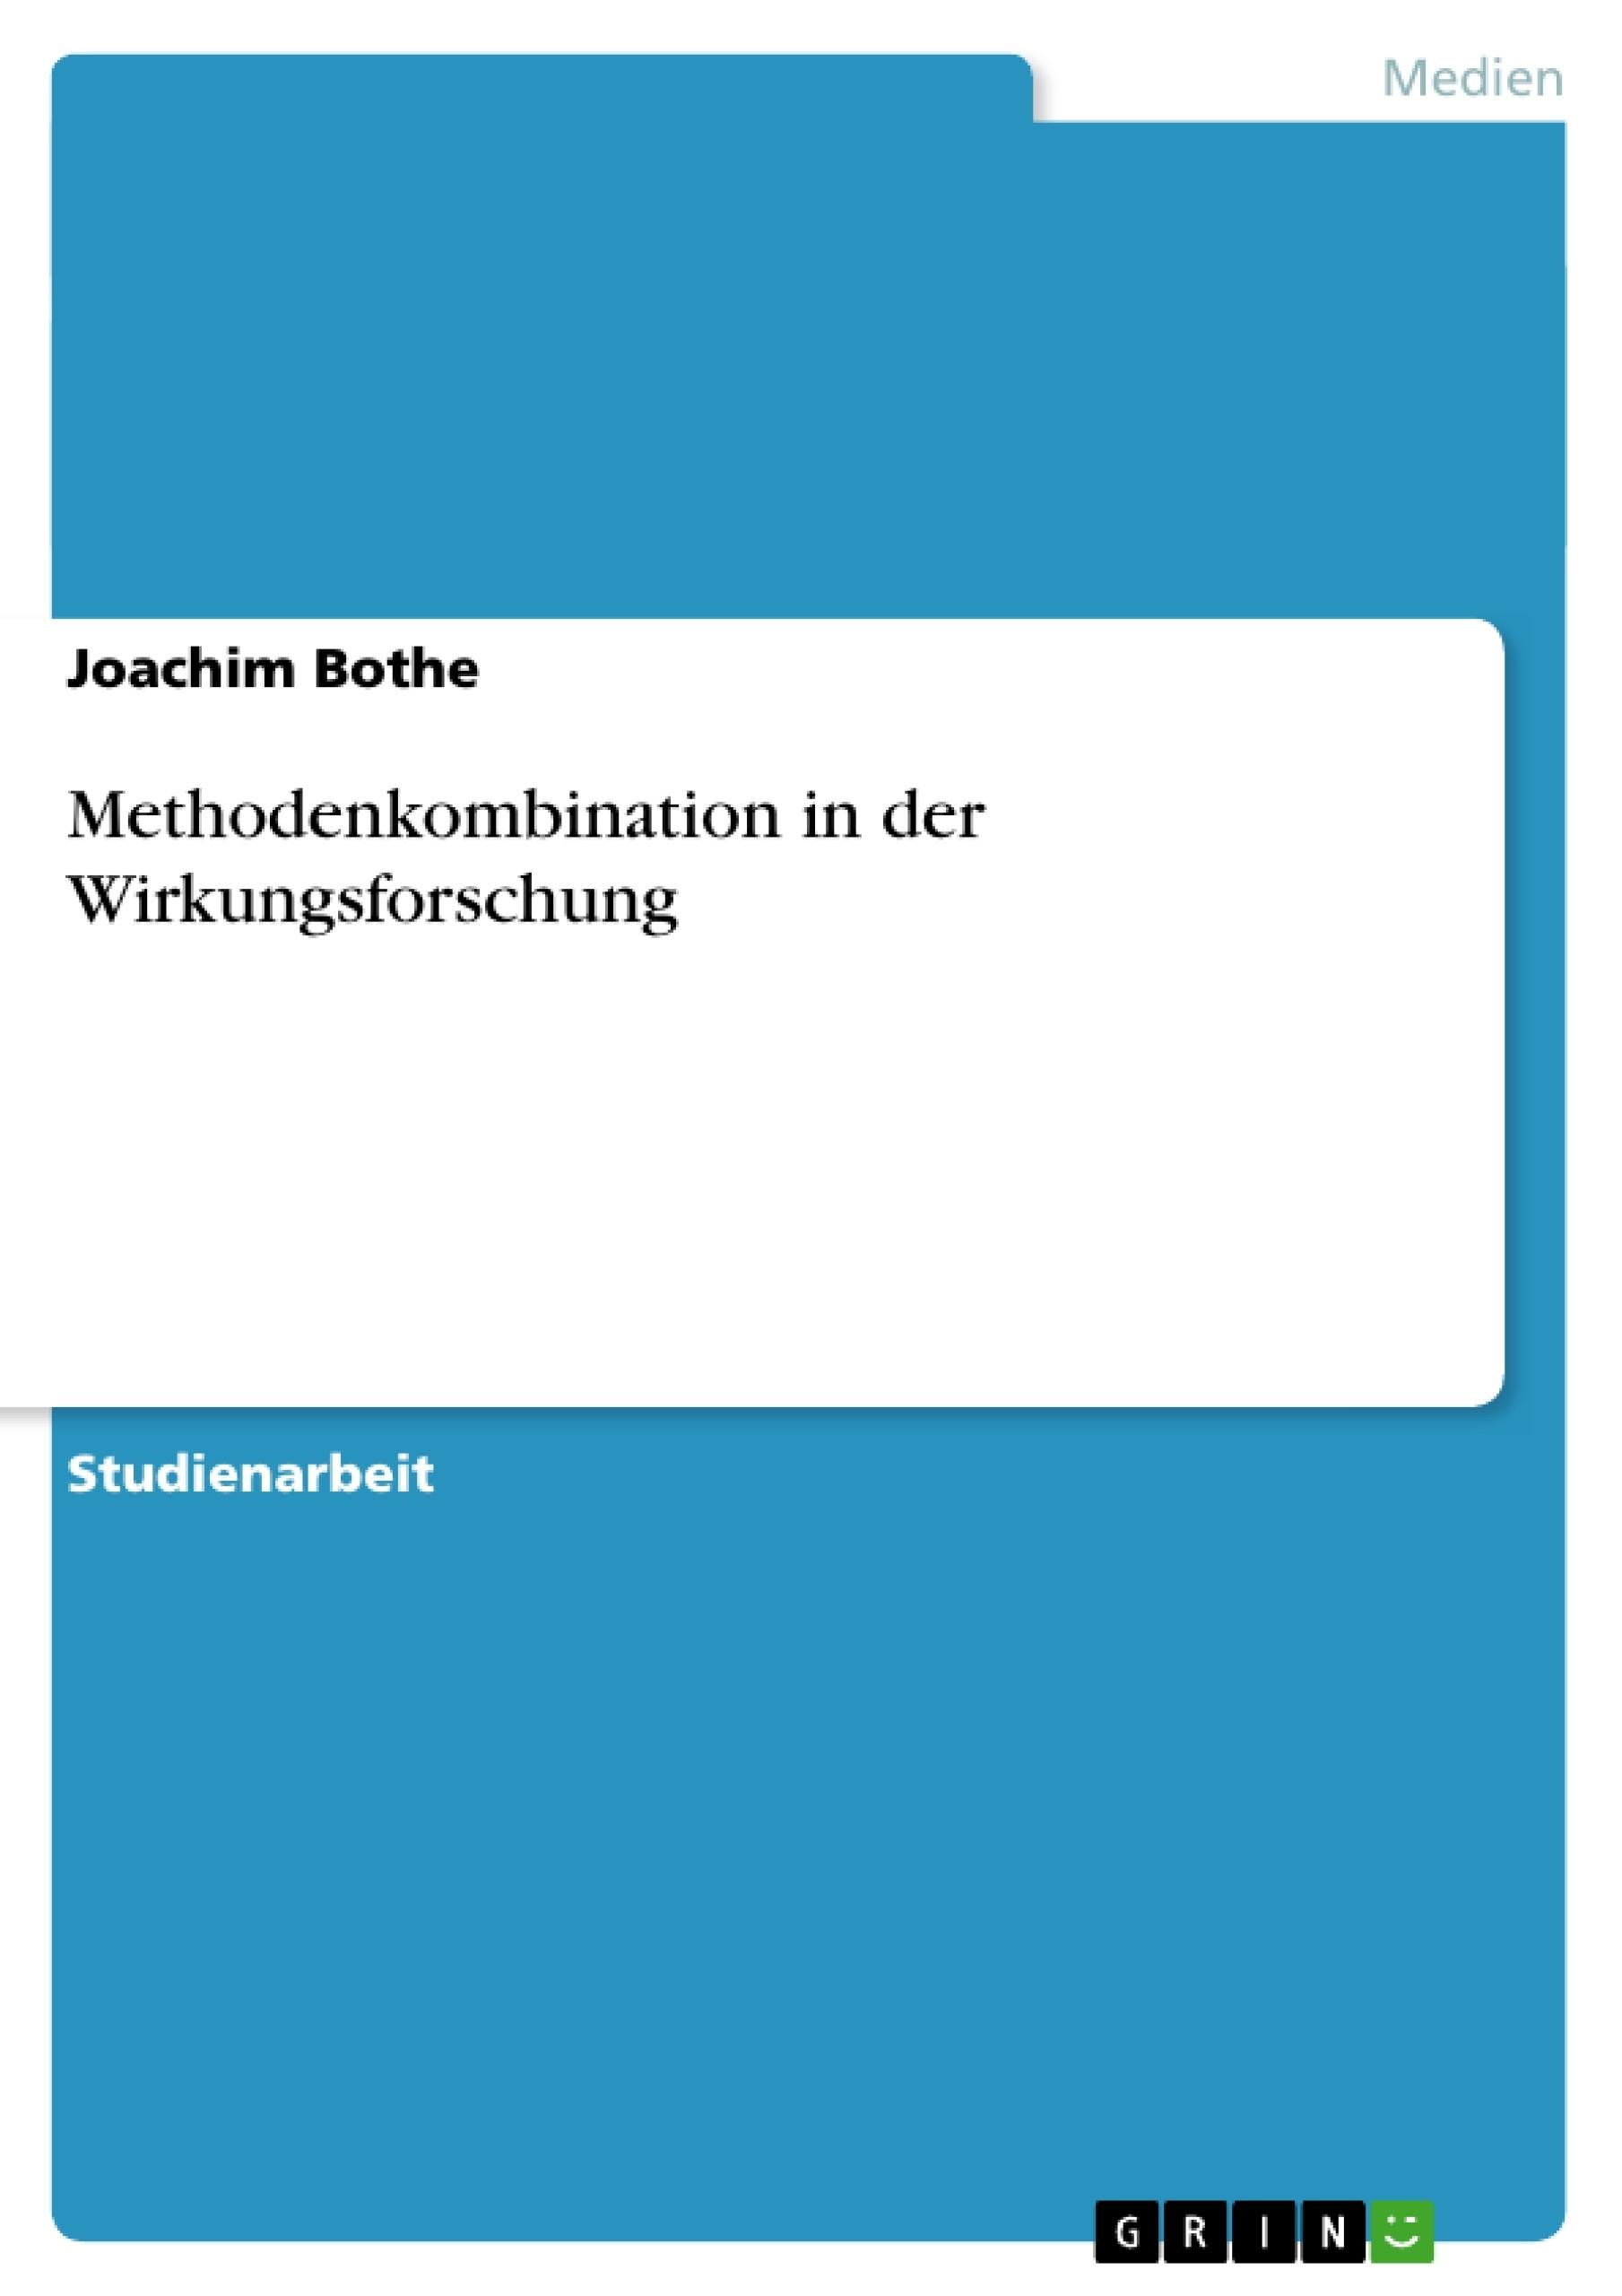 Titel: Methodenkombination in der Wirkungsforschung